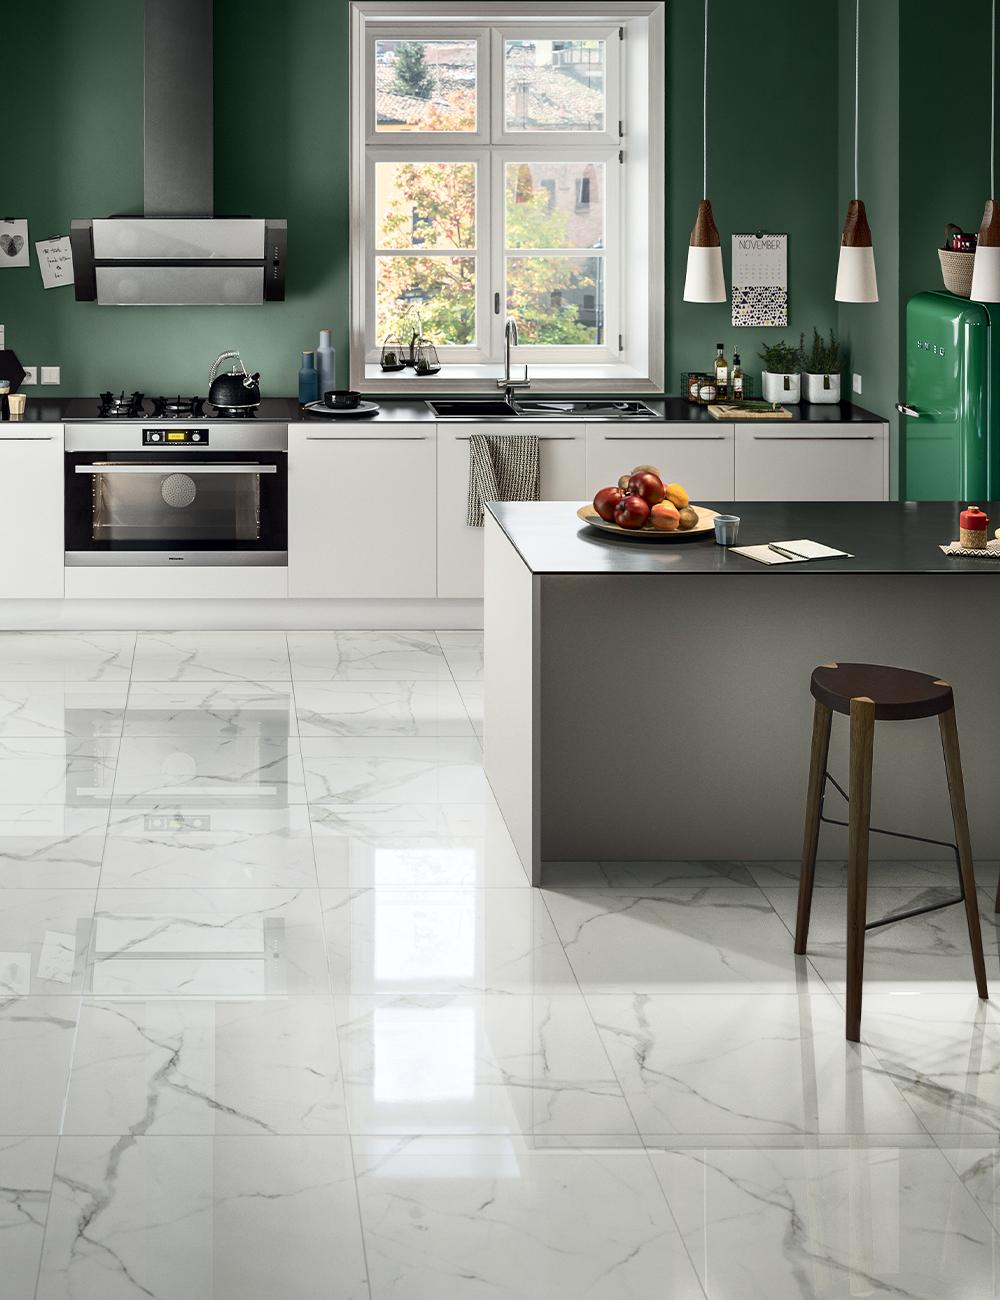 Gres Porcellanato Effetto Marmo Difetti il gres effetto marmo bianco luxor riproduce le sfumature